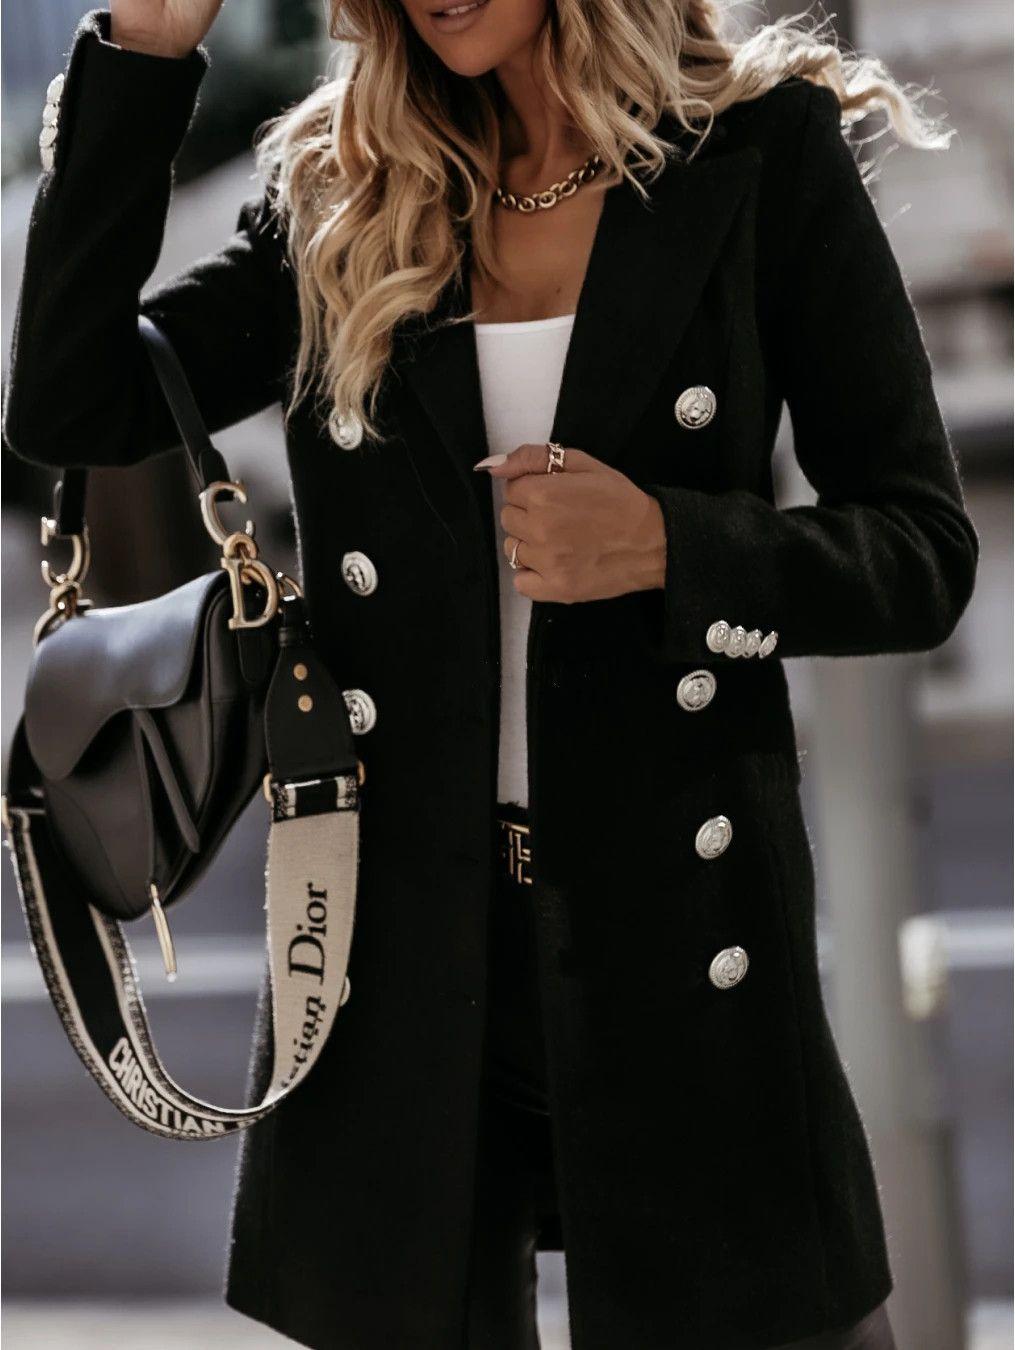 أزياء جديد إمرأة معاطف ارتداء بدلة بأكمام طويلة مع مزدوجة الصدر طوق قميص في الهواء الطلق خندق الشتاء الثلوج معاطف الحجم M-2XL